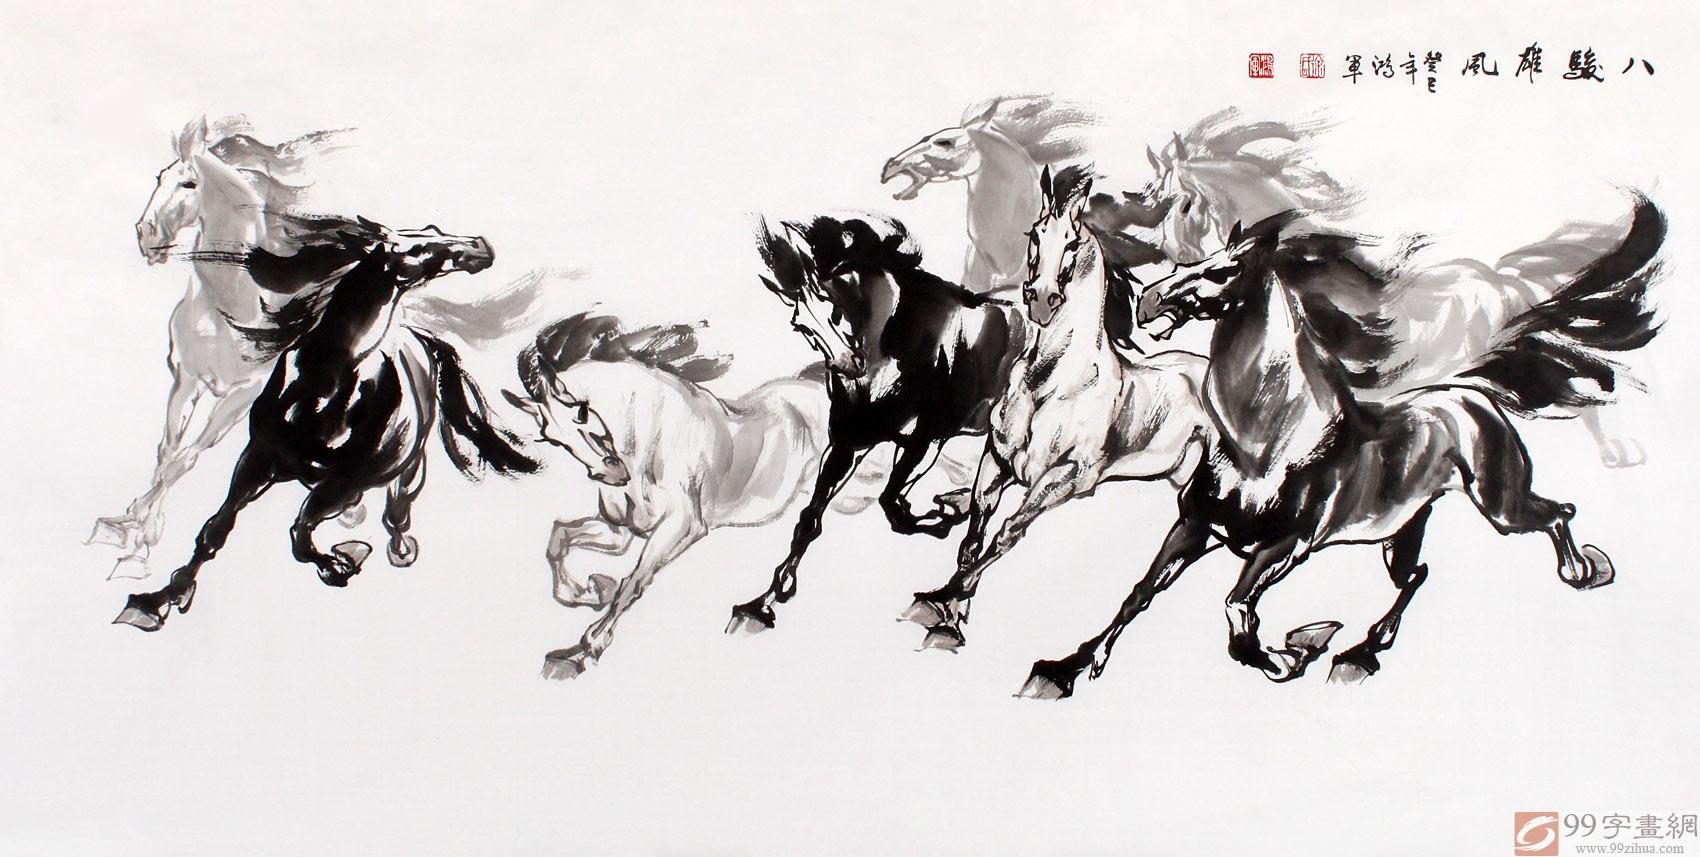 徐鸿军,1959年生于黑龙江绥化市,现为绥化市美术家协会理事,中国美术家画院院士,中国马文化博物馆签约画家,自由喜爱书画,1984年毕业于哈尔滨师范大学美术系。1991年在北京画院研究班师从周思聪先生学习画人物,2009年师从名家徐宝铭先生学习画马。曾多次参加省地市级书画展并举办过个人画展,及多人联展。 几十年来,徐鸿军先生广拜名家,博采众长;笔耕不缀,他的马以线为主,水墨至上,不求色似,但求意足,气韵清新,形象生动。